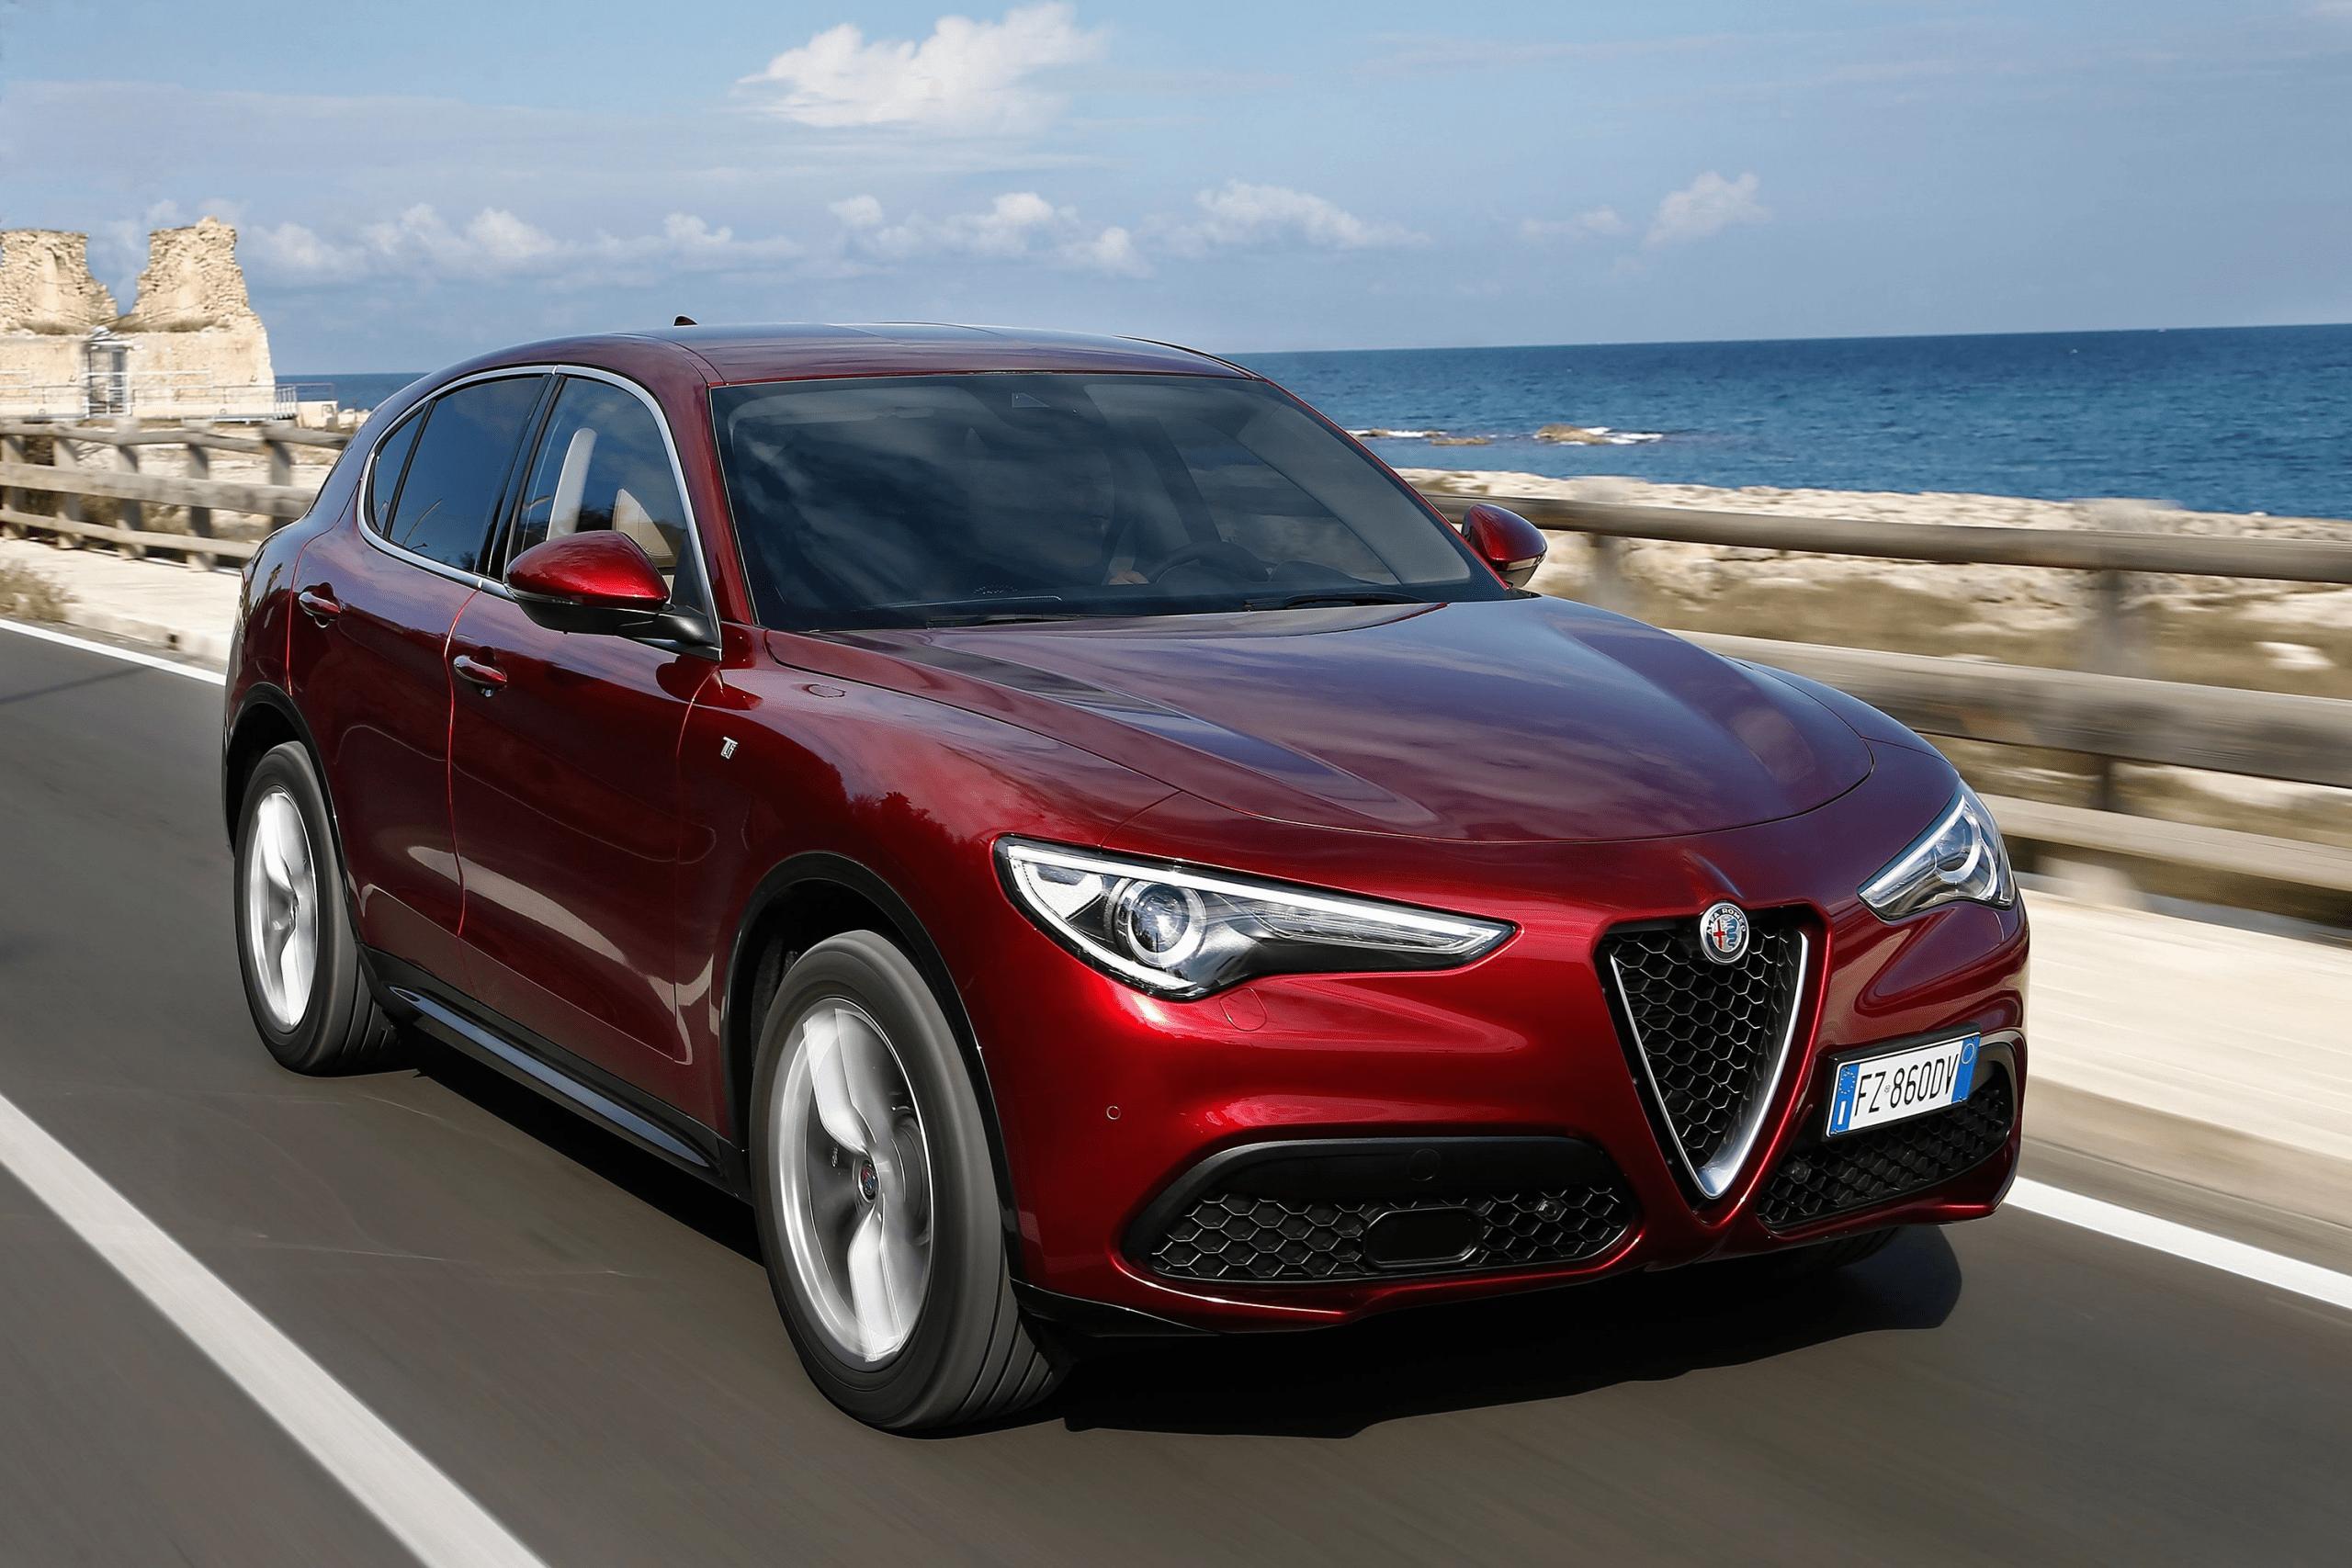 2021 Alfa Romeo Giulia Configurations in 2020 Alfa romeo